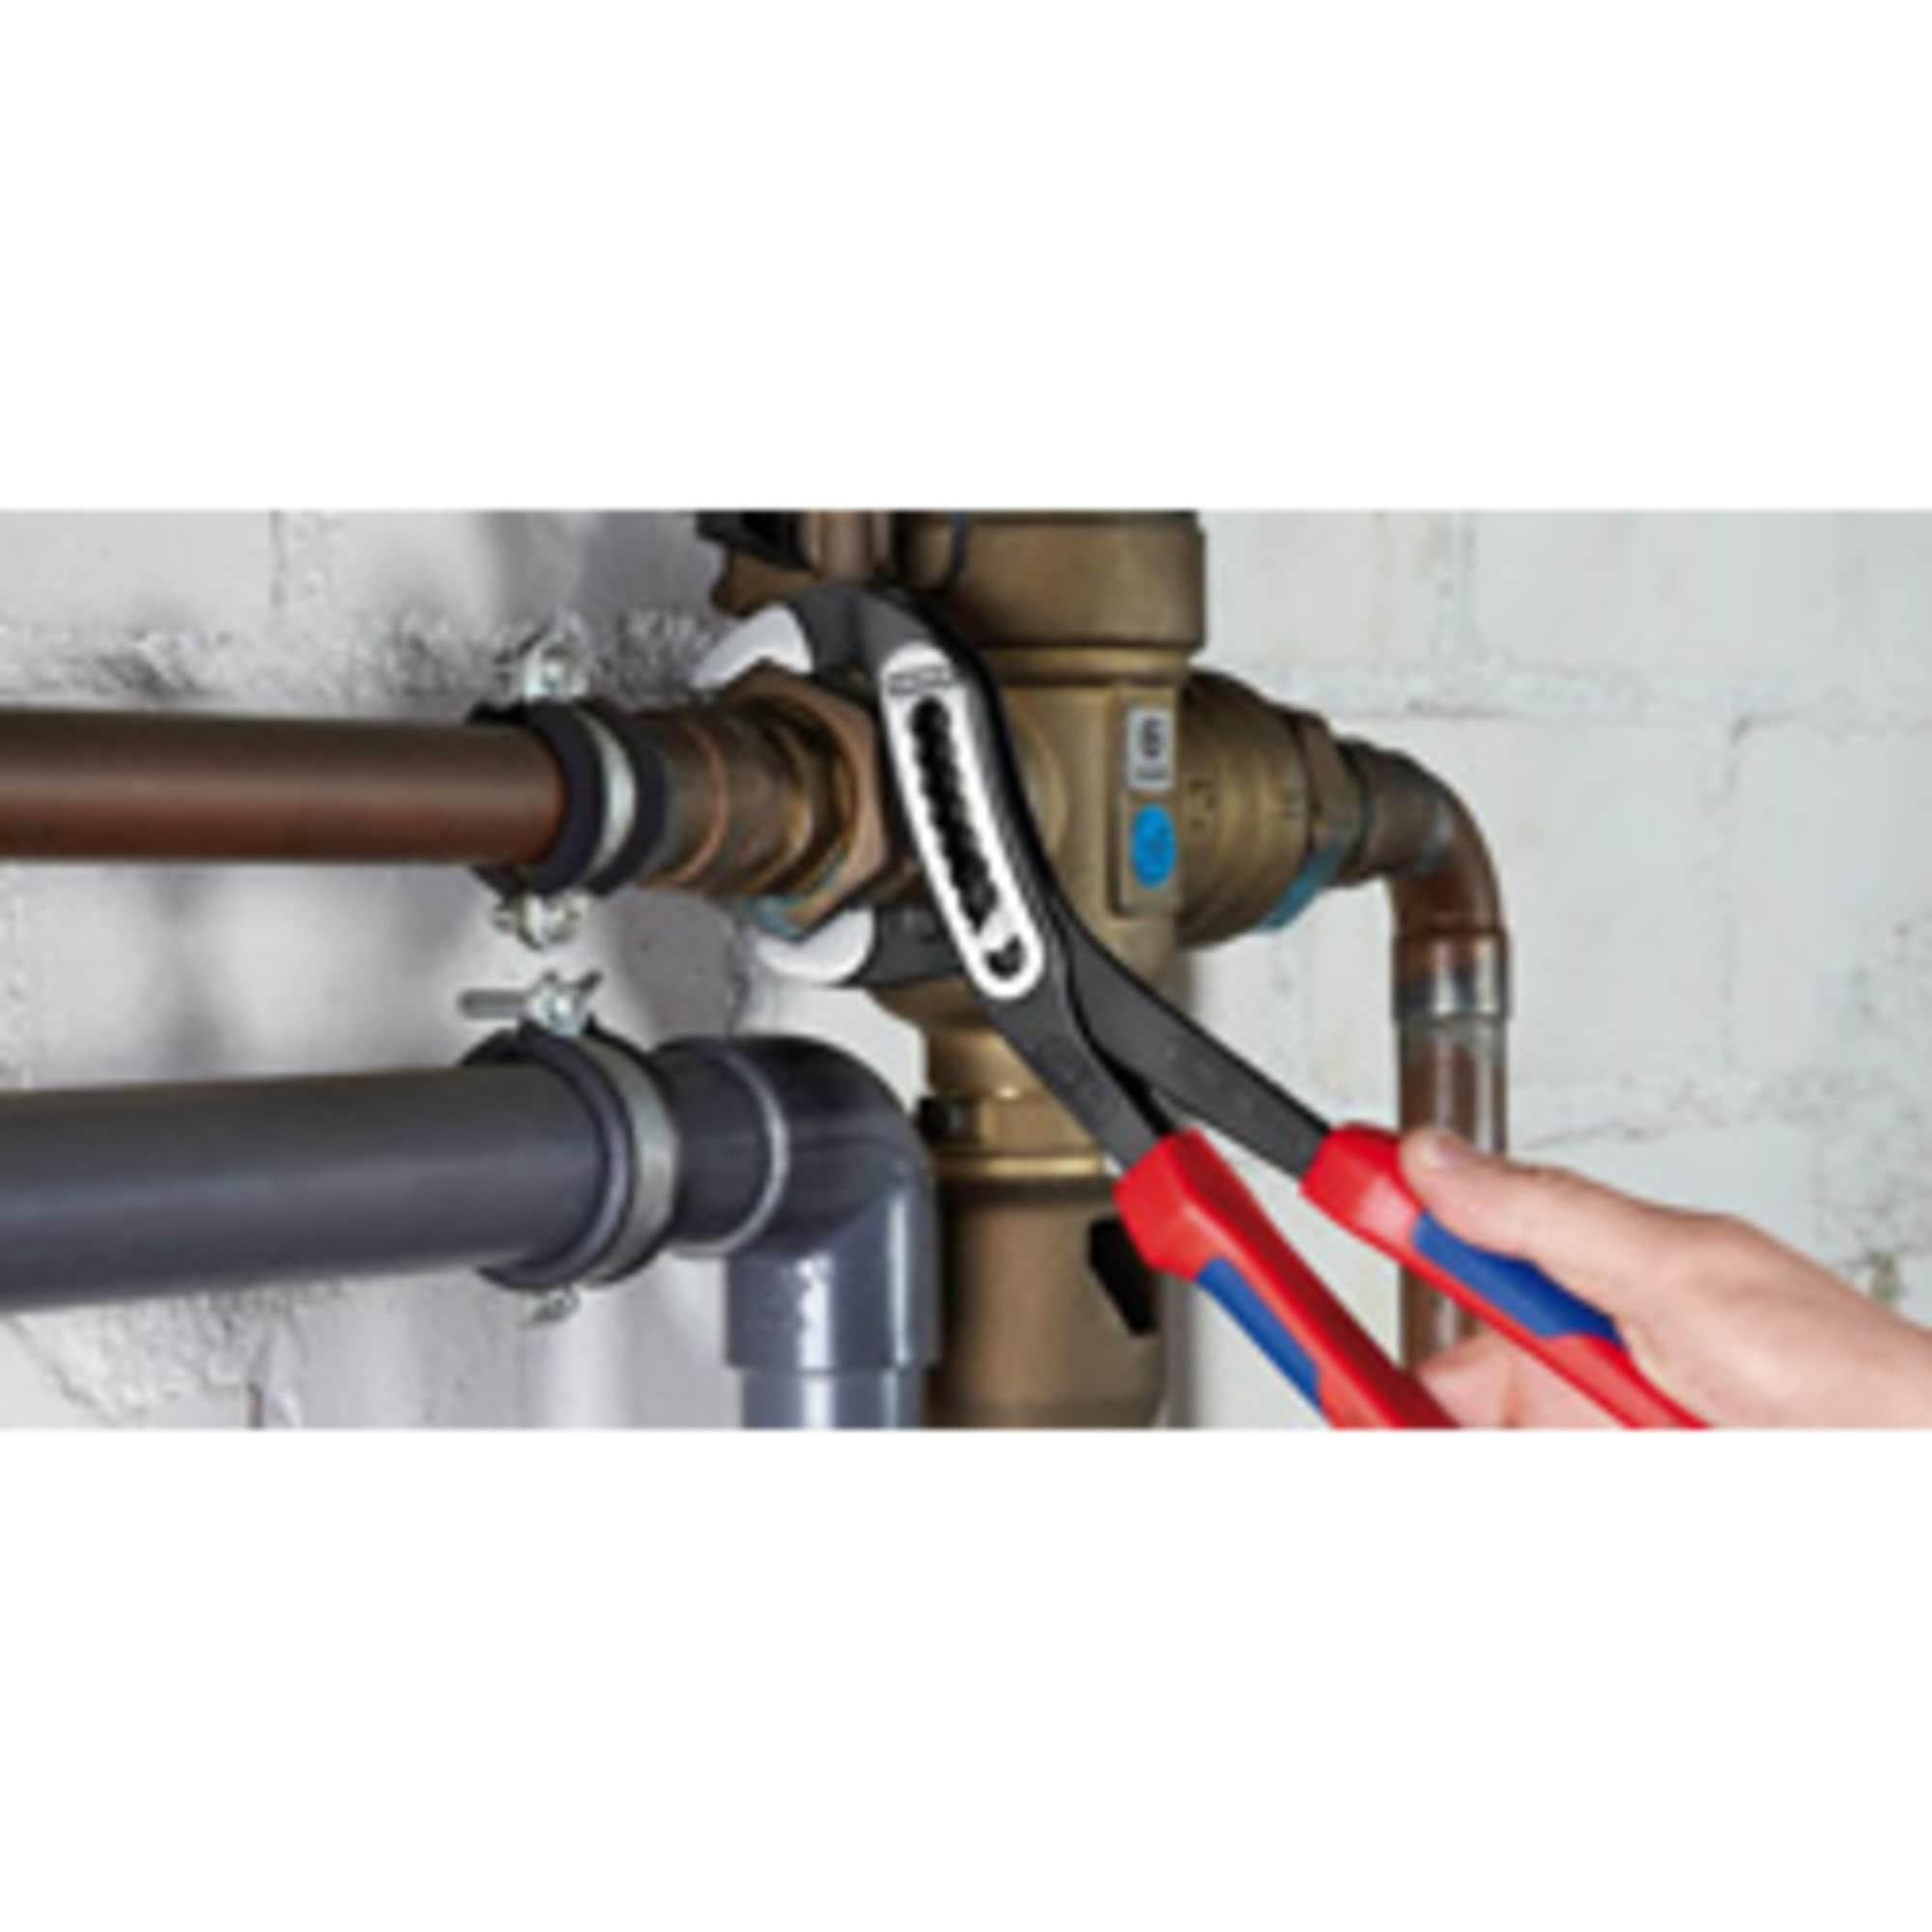 Knipex Rohr- / Wasserpumpen-Zange Alligator 88 01 300, 300mm